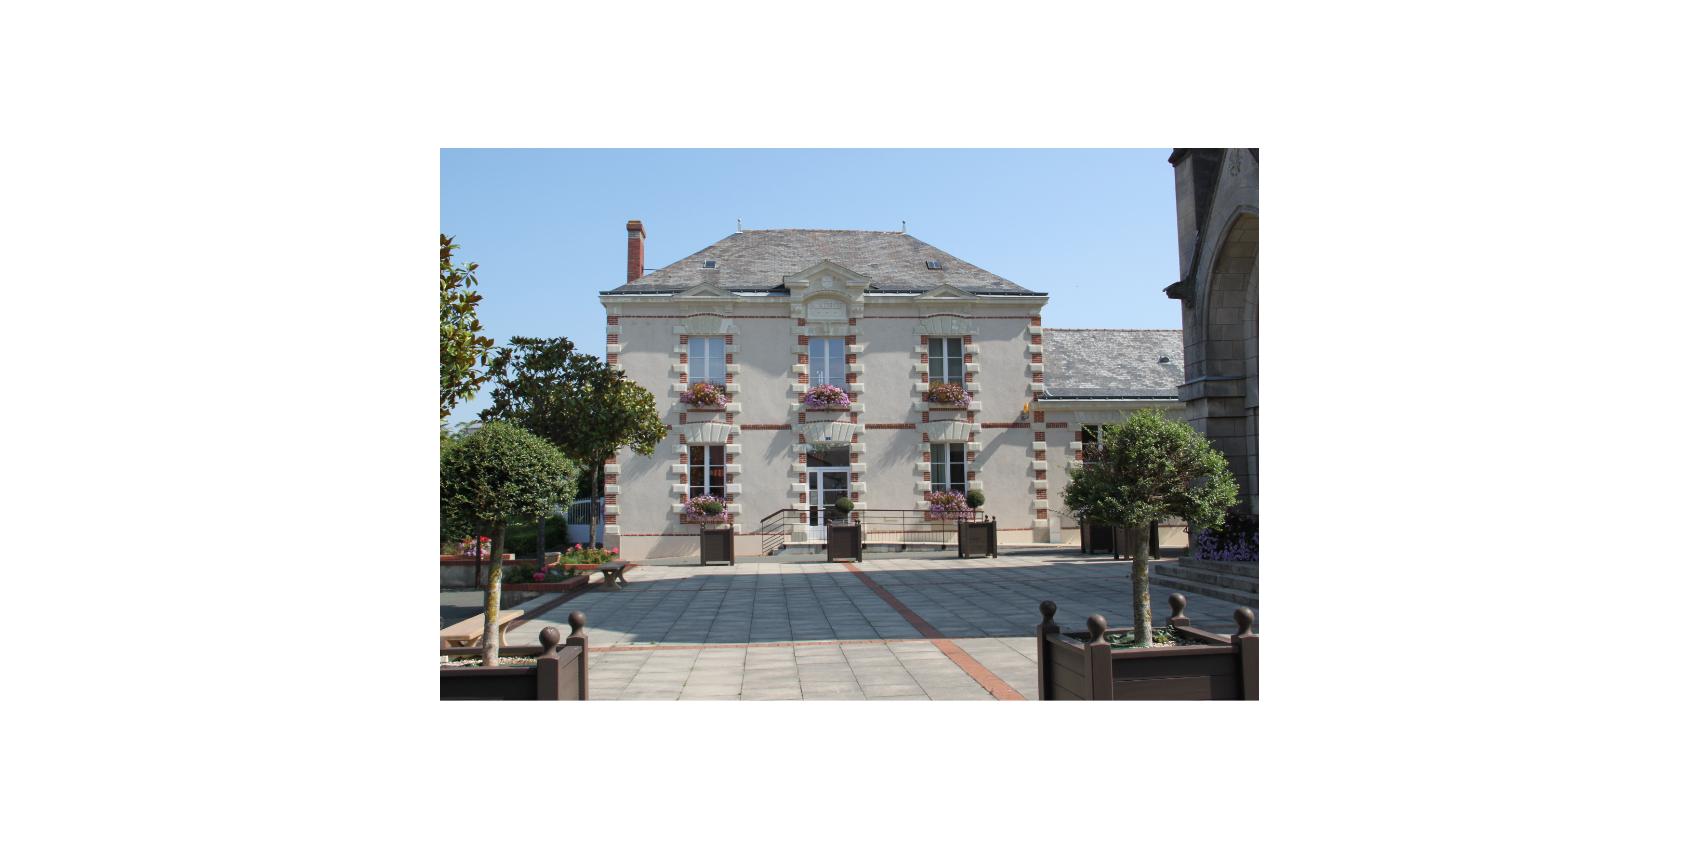 Horaires d'ouverture de la mairie et l'agence postale